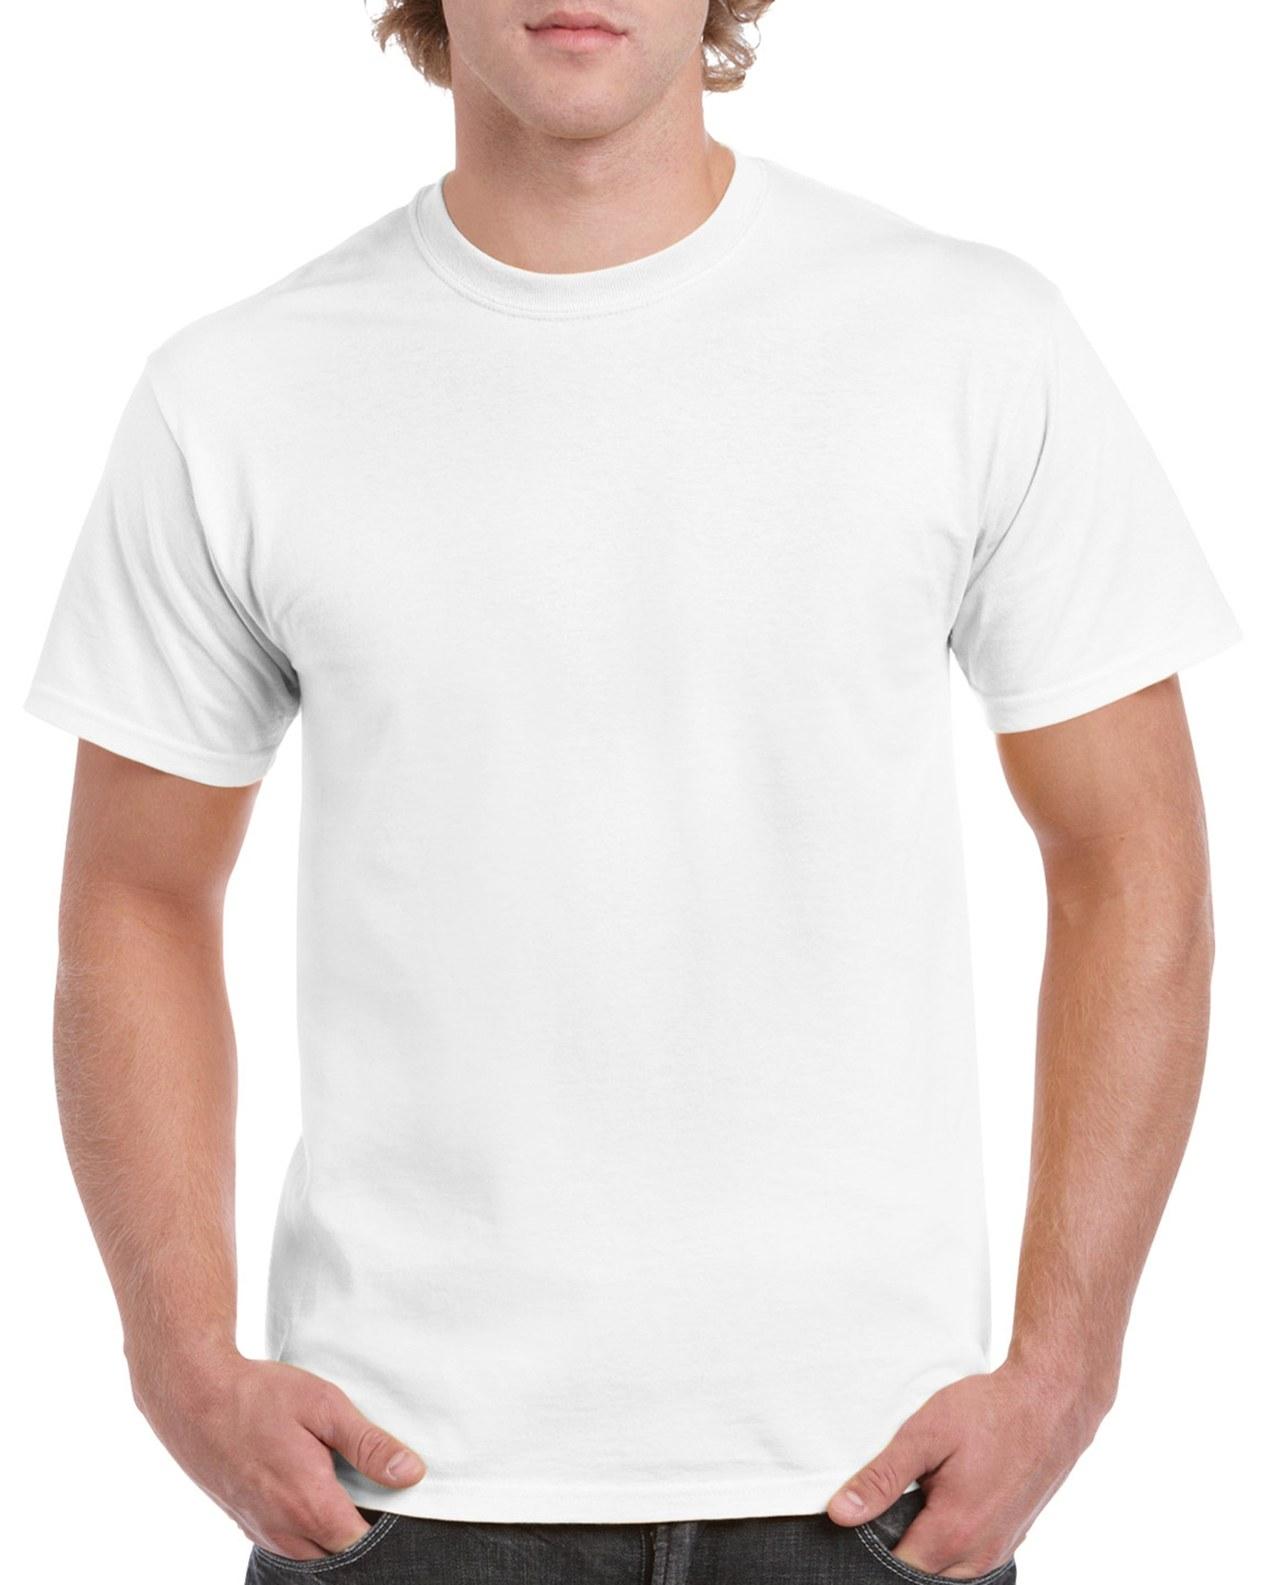 Promo T-Shirt Deals with 1 Colour Print